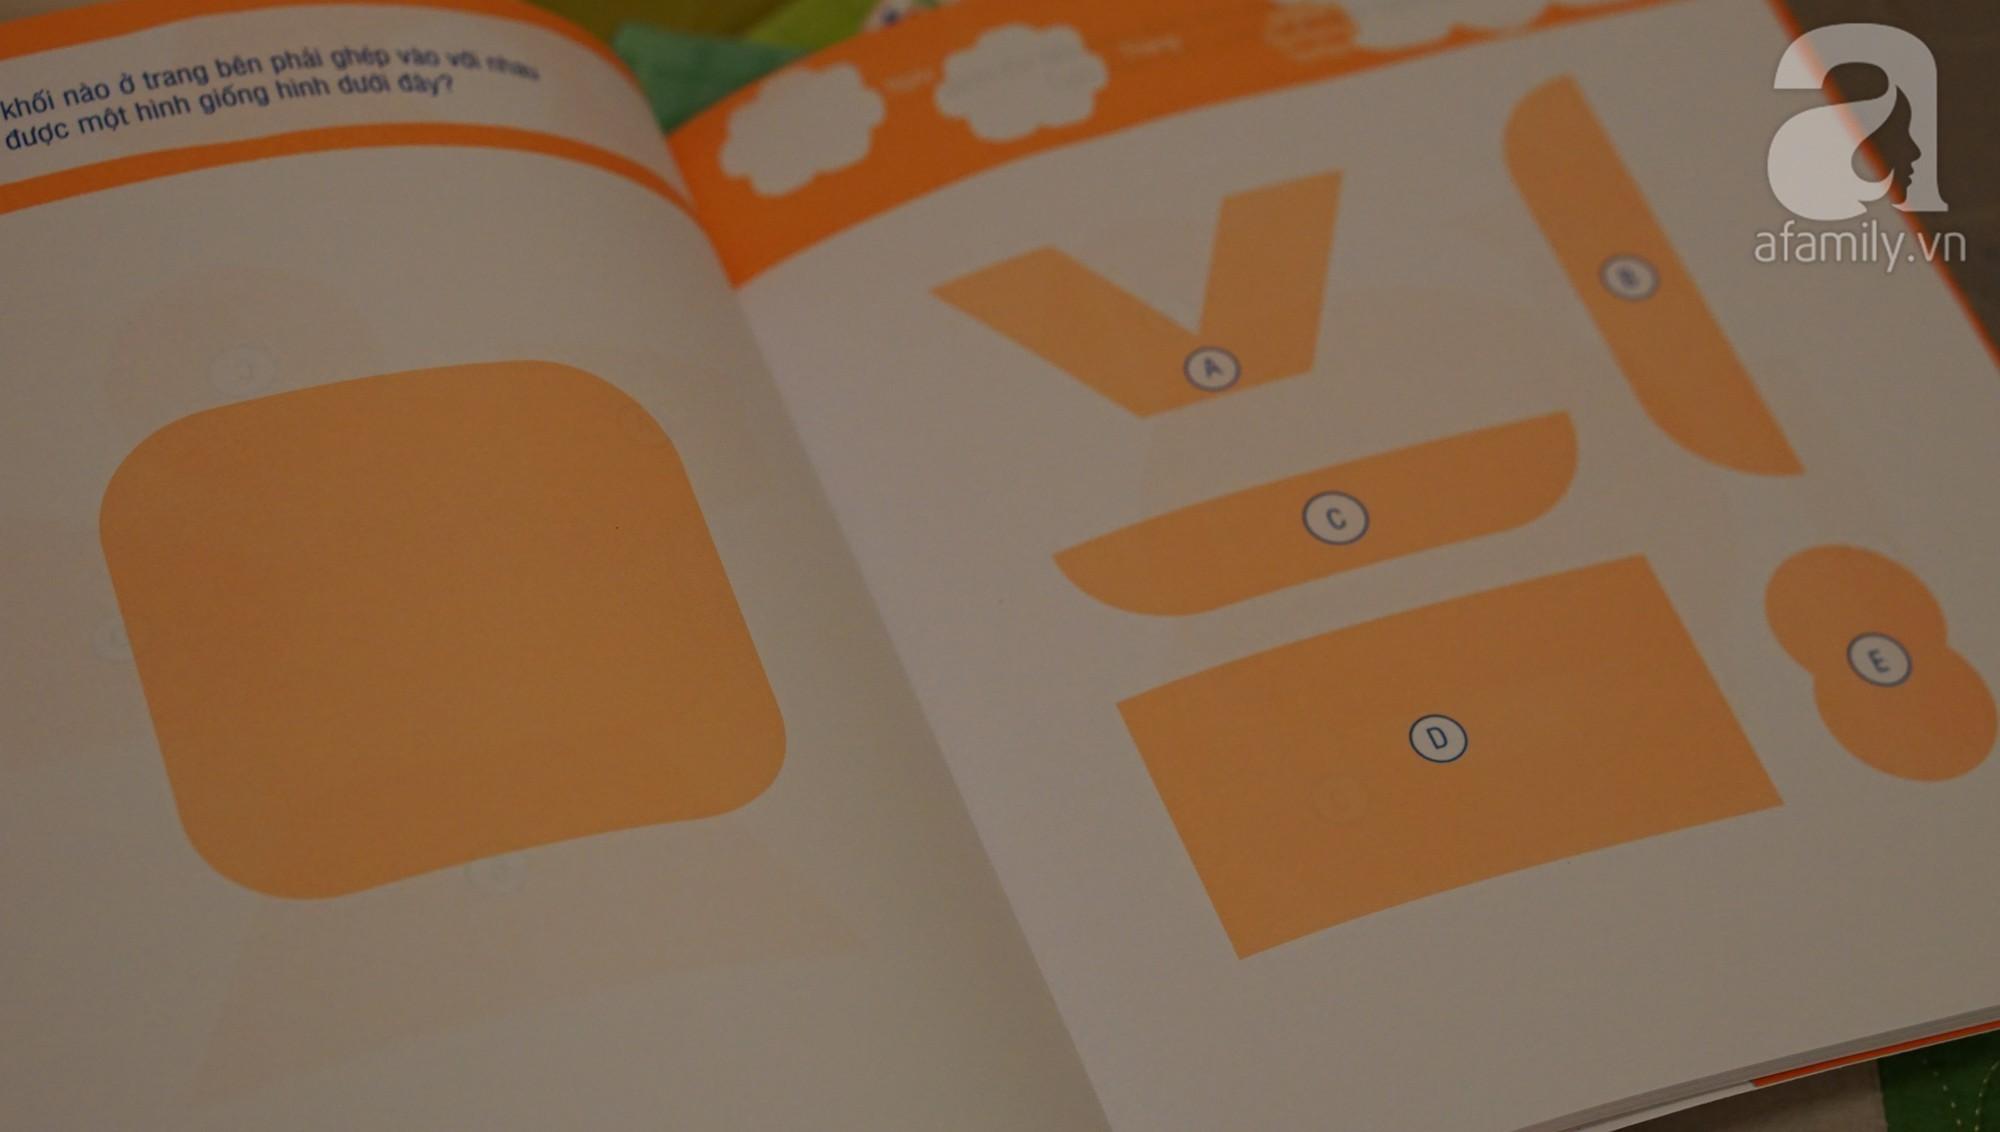 Giúp con học giỏi toán lớp 1 qua những trò chơi kiểu Nhật độc đáo   - Ảnh 3.